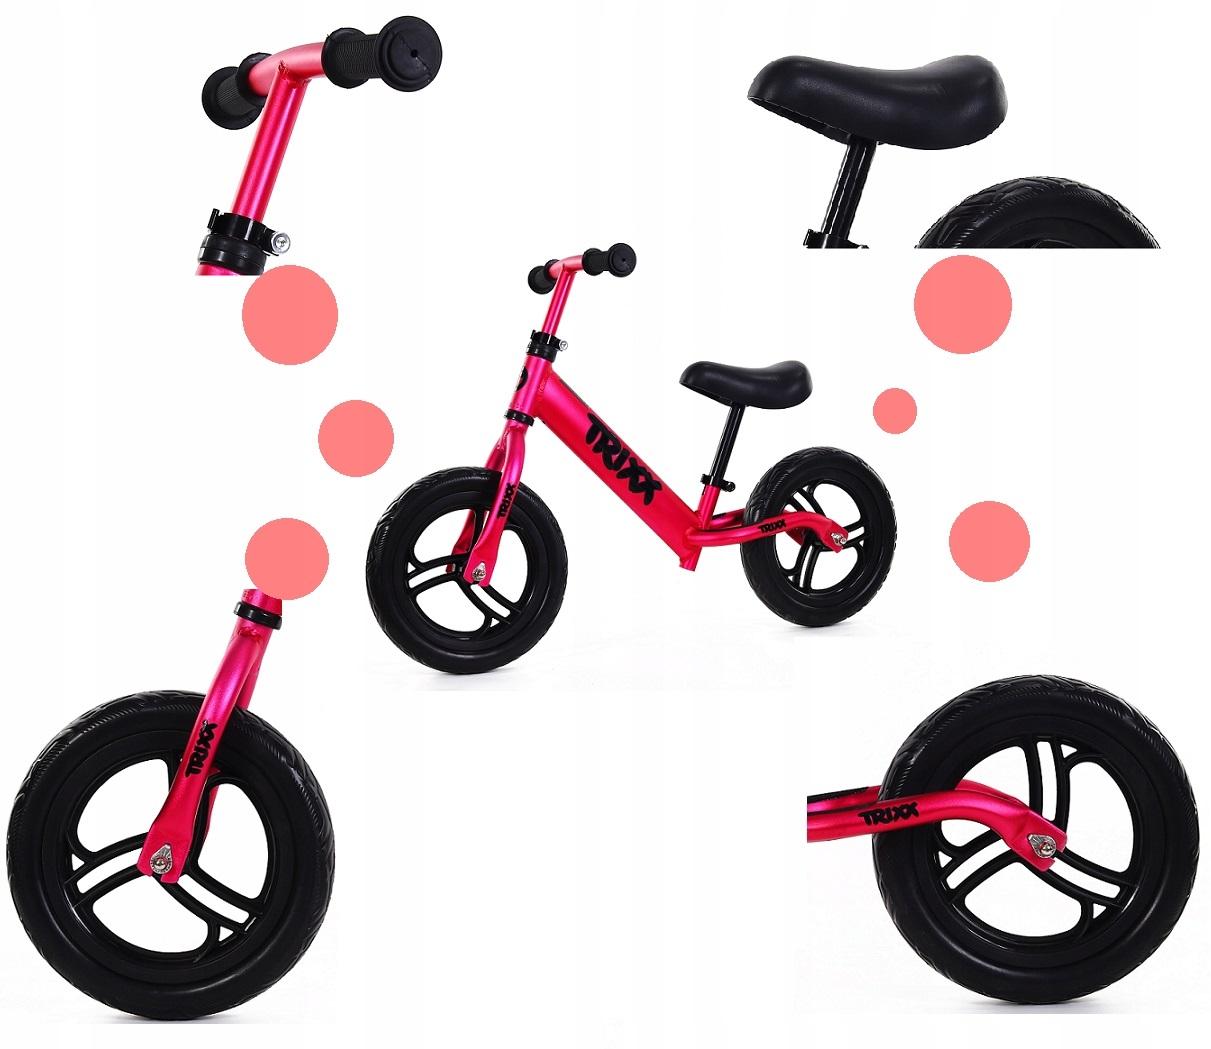 Labai lengvas balansinis dviratukas TRIXX 1,9 kg